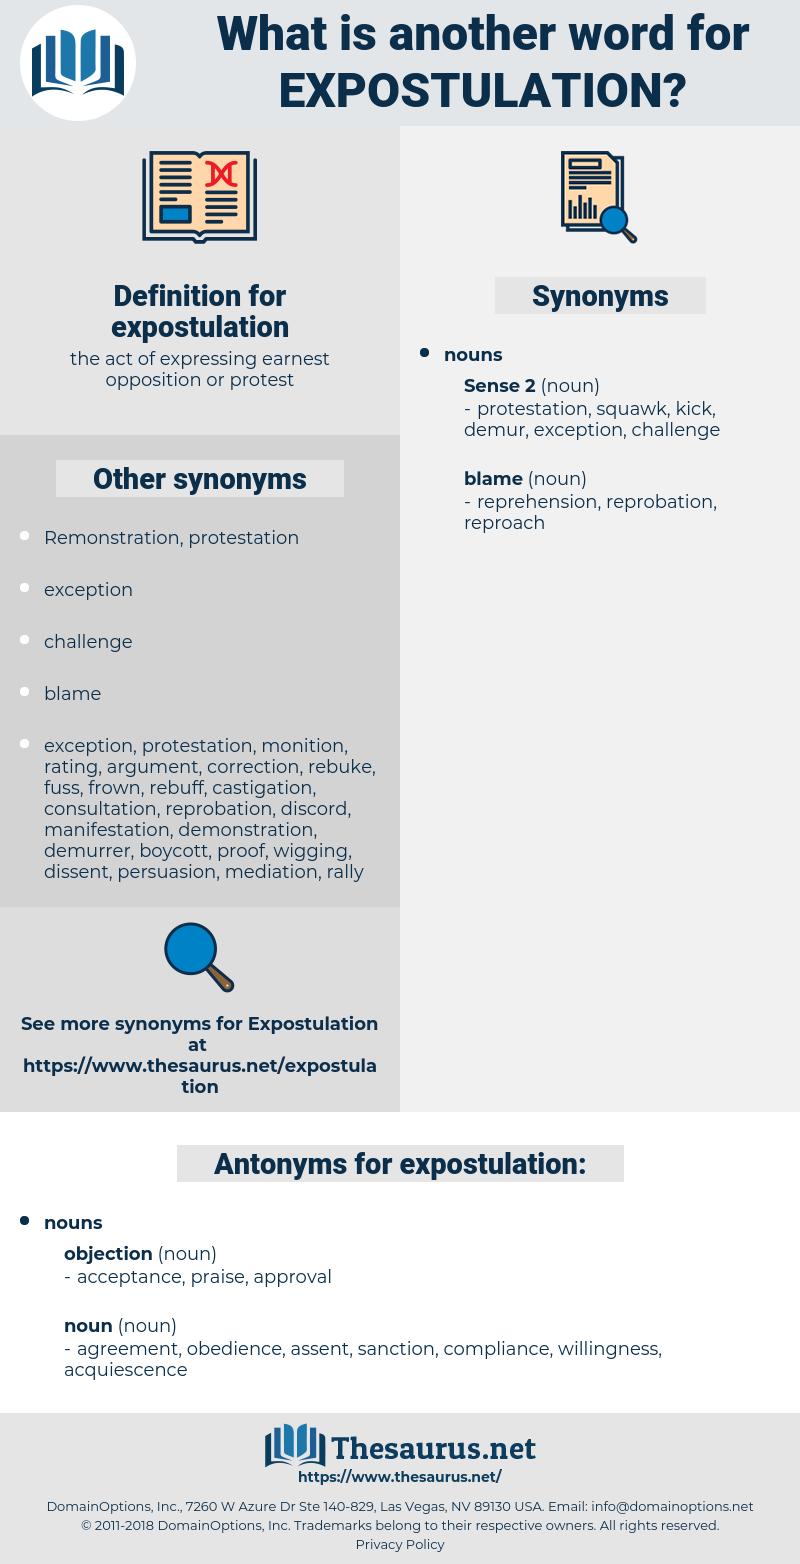 expostulation, synonym expostulation, another word for expostulation, words like expostulation, thesaurus expostulation